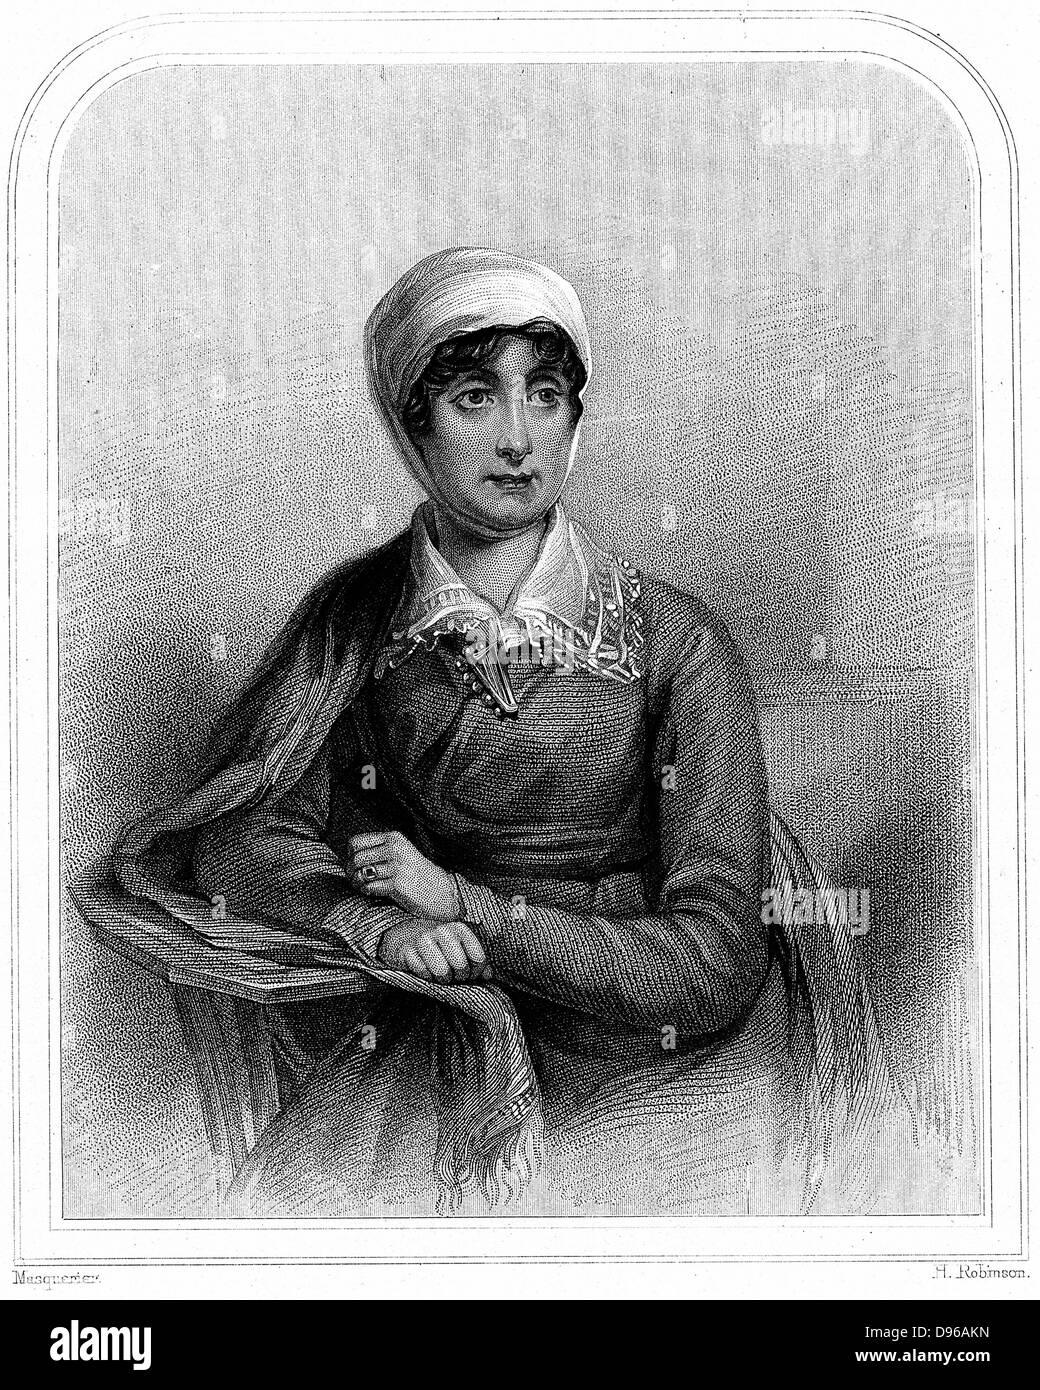 Joanna Baille (1762-1851), poeta y dramaturgo escocés. Grabado 1870 Imagen De Stock